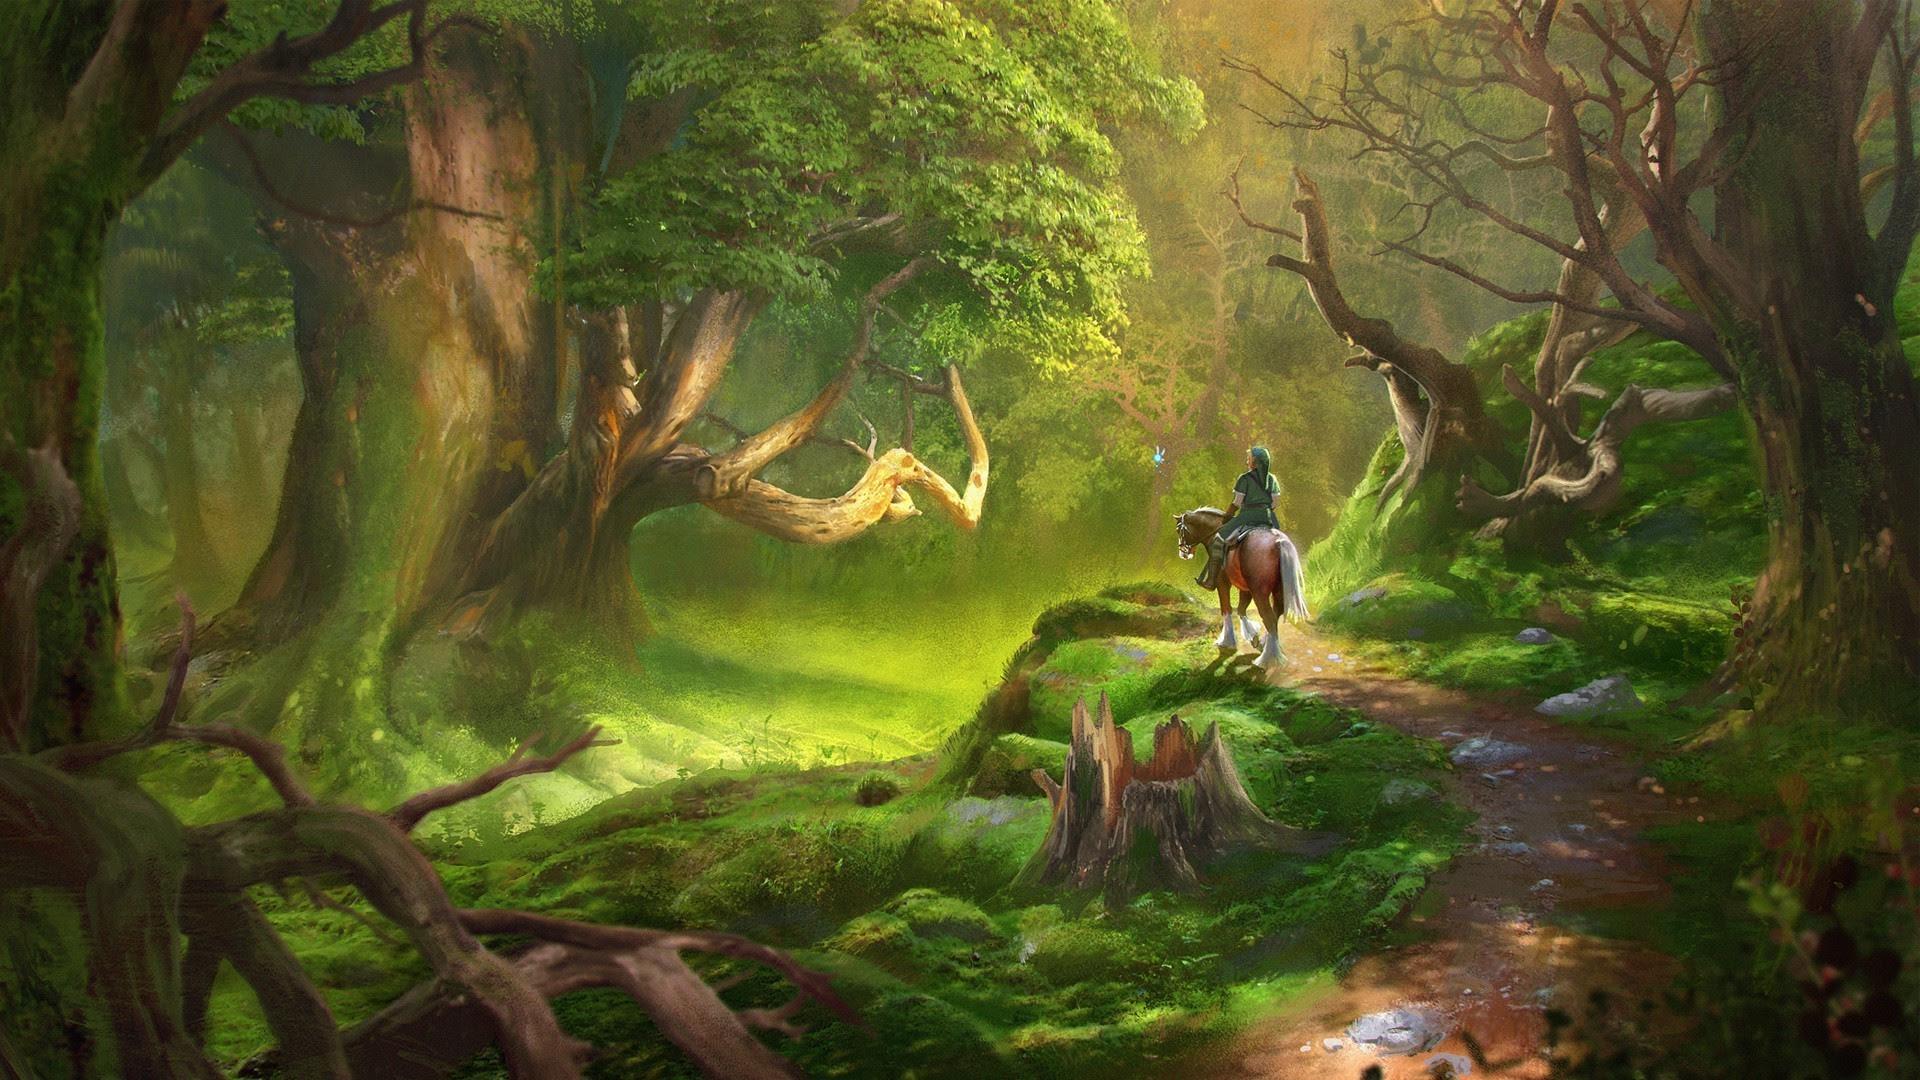 Wallpaper Legend Of Zelda Breath Of The Wild New Wallpapers